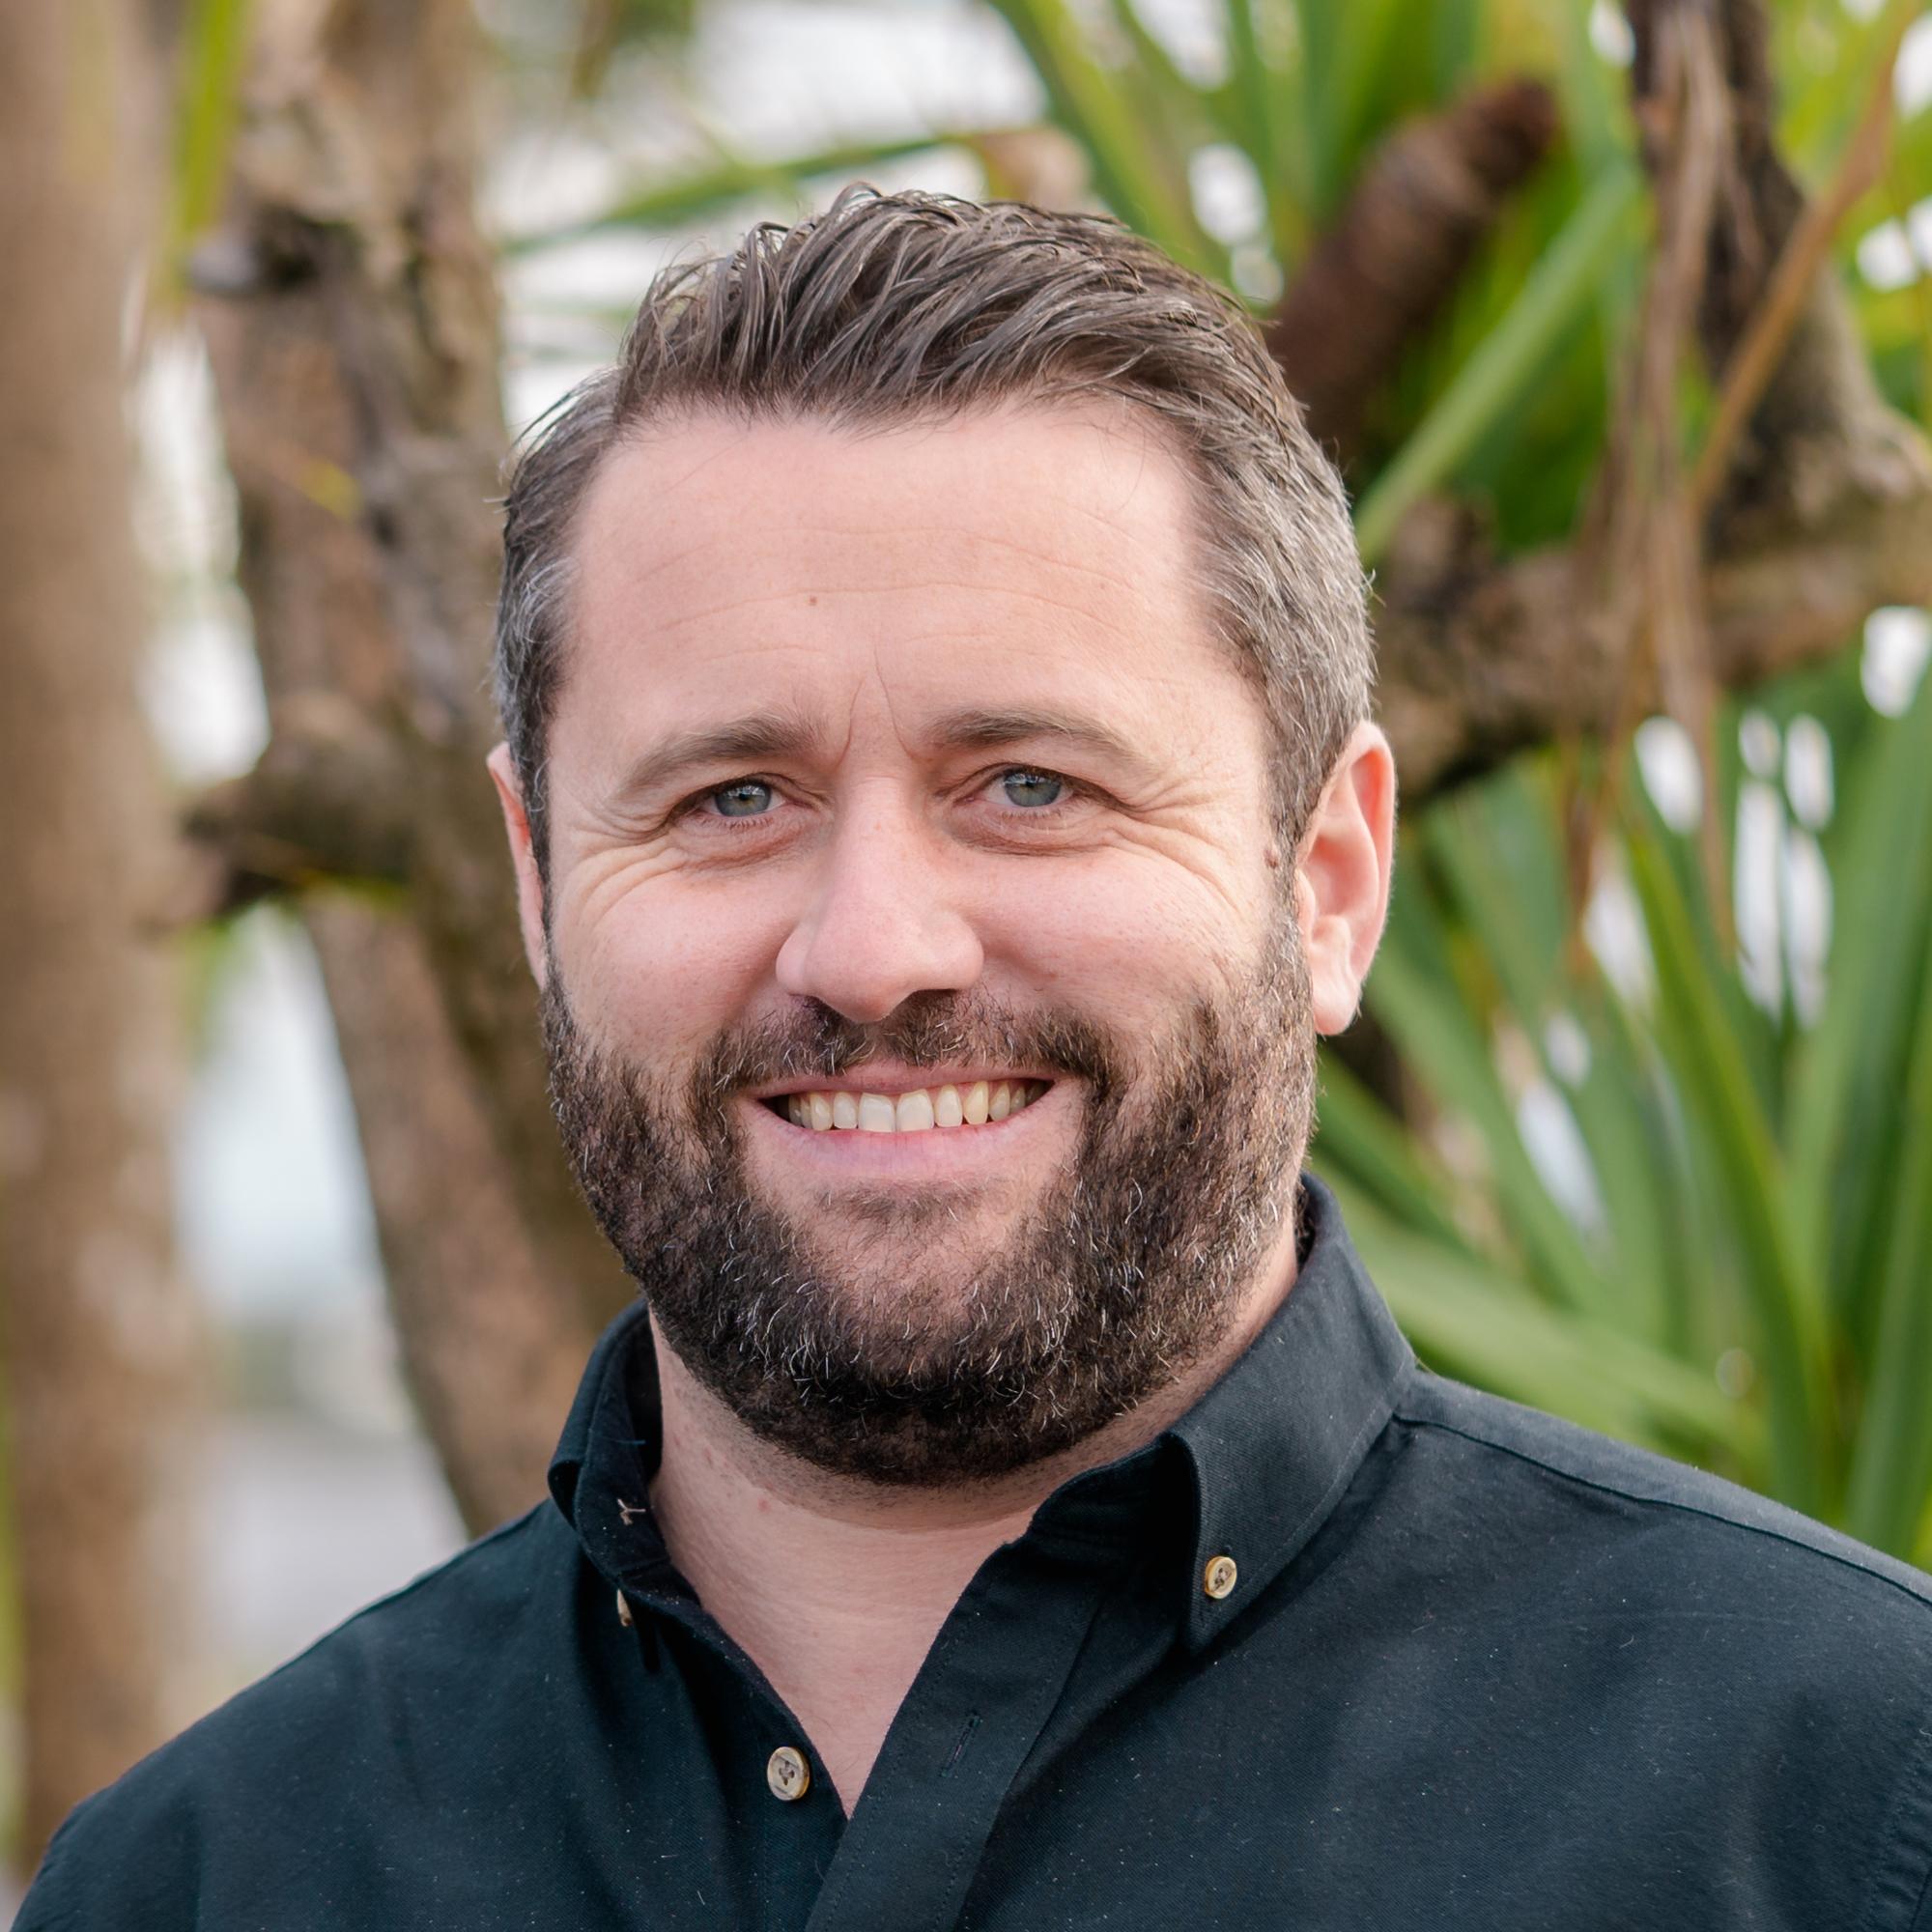 Gerry Irvine